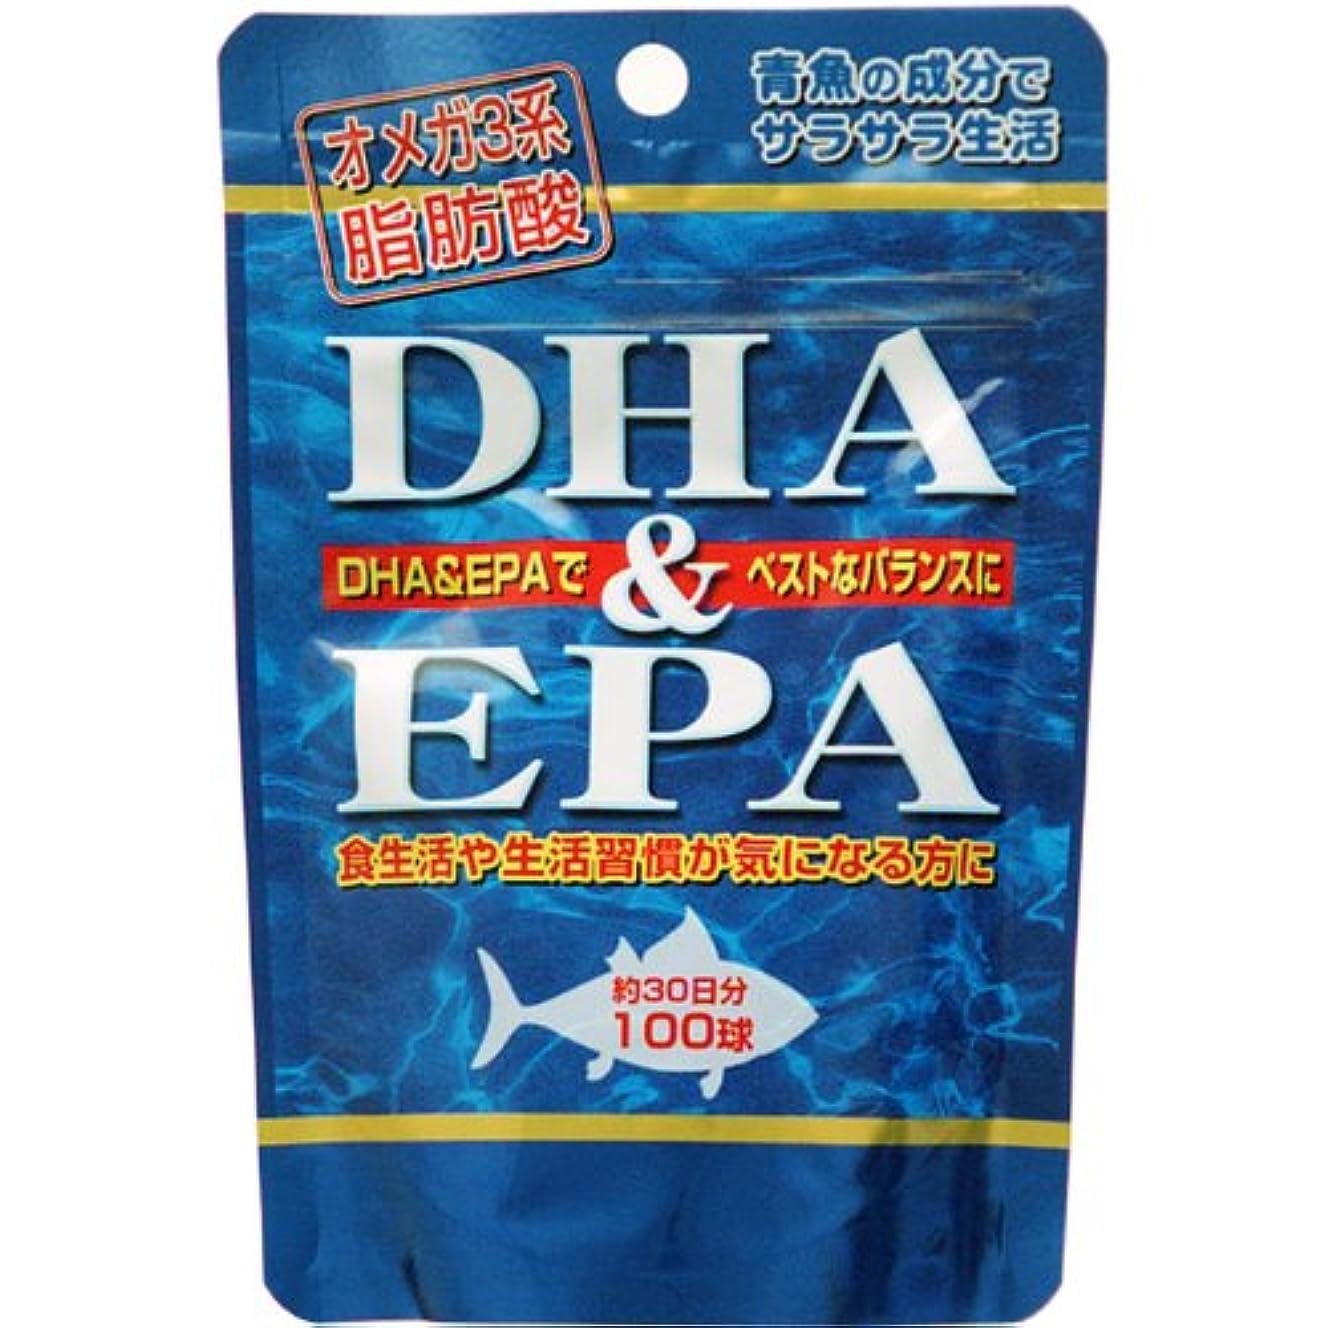 高原開業医かもしれないDHA(ドコサヘキサエン酸)&EPA(エイコサペンタエン酸)×2